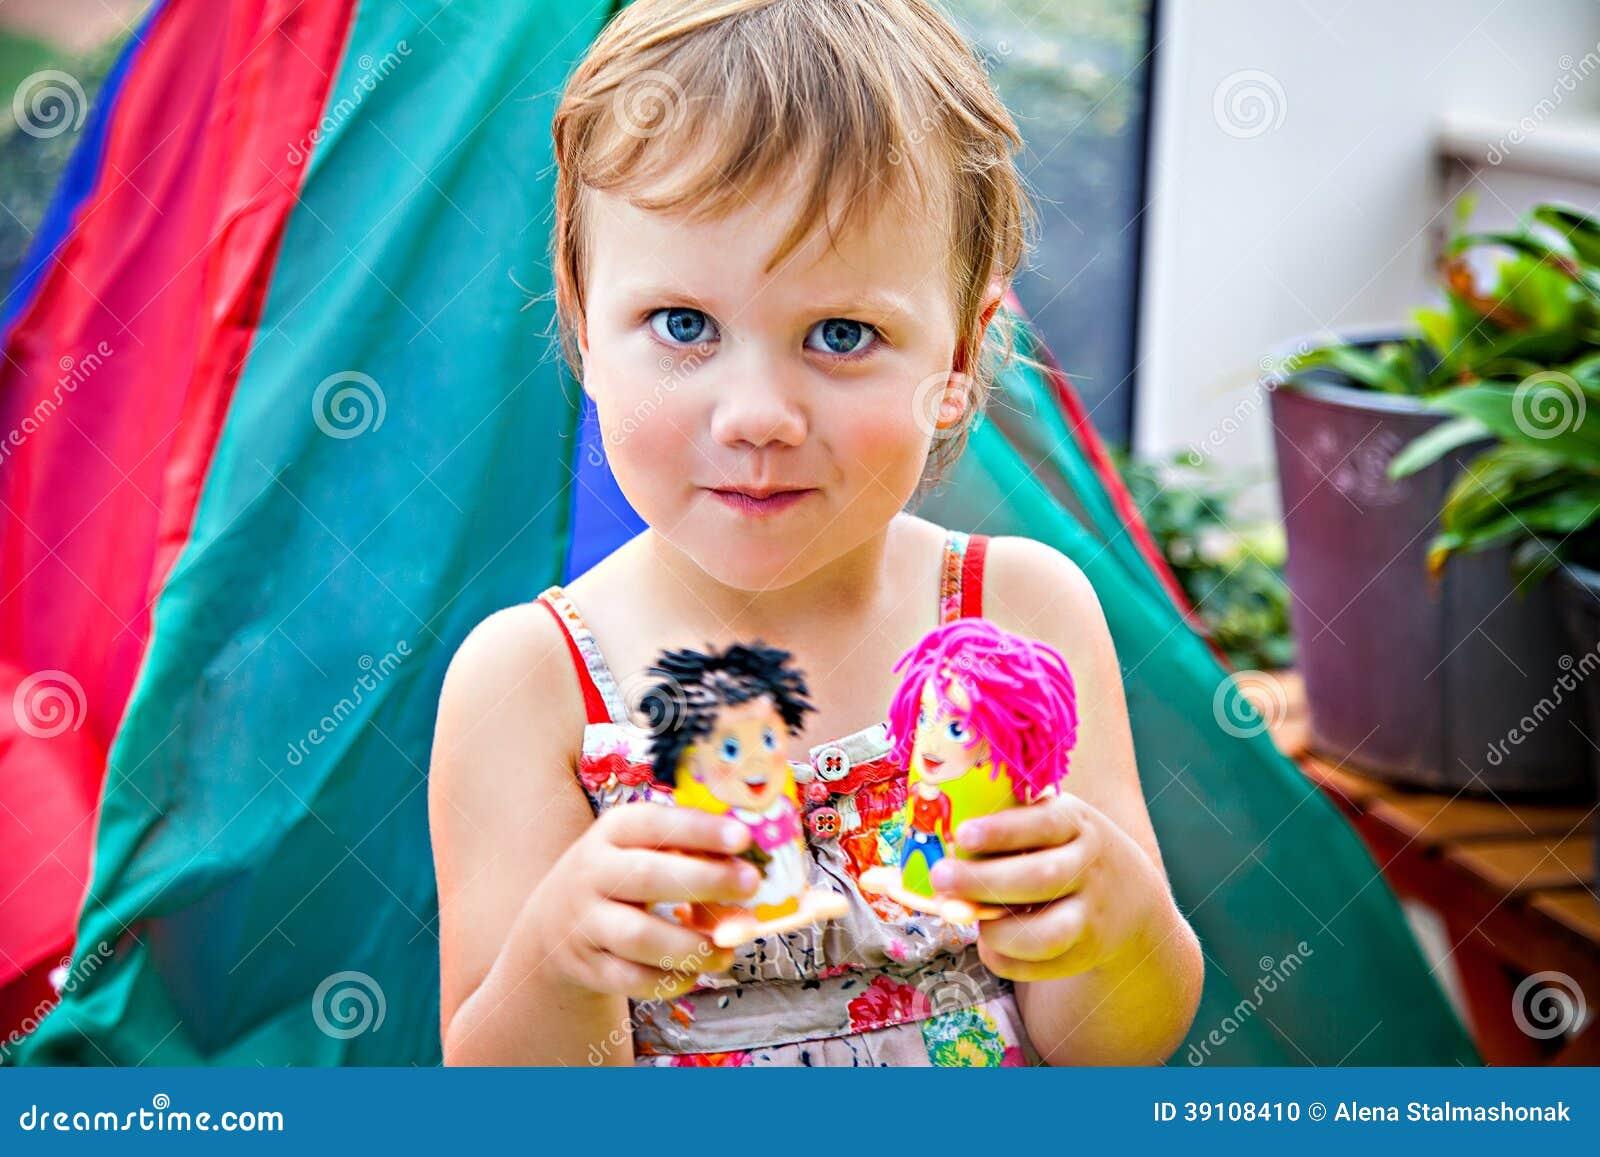 Meisje met speelgoed met plasticine wordt gemaakt die